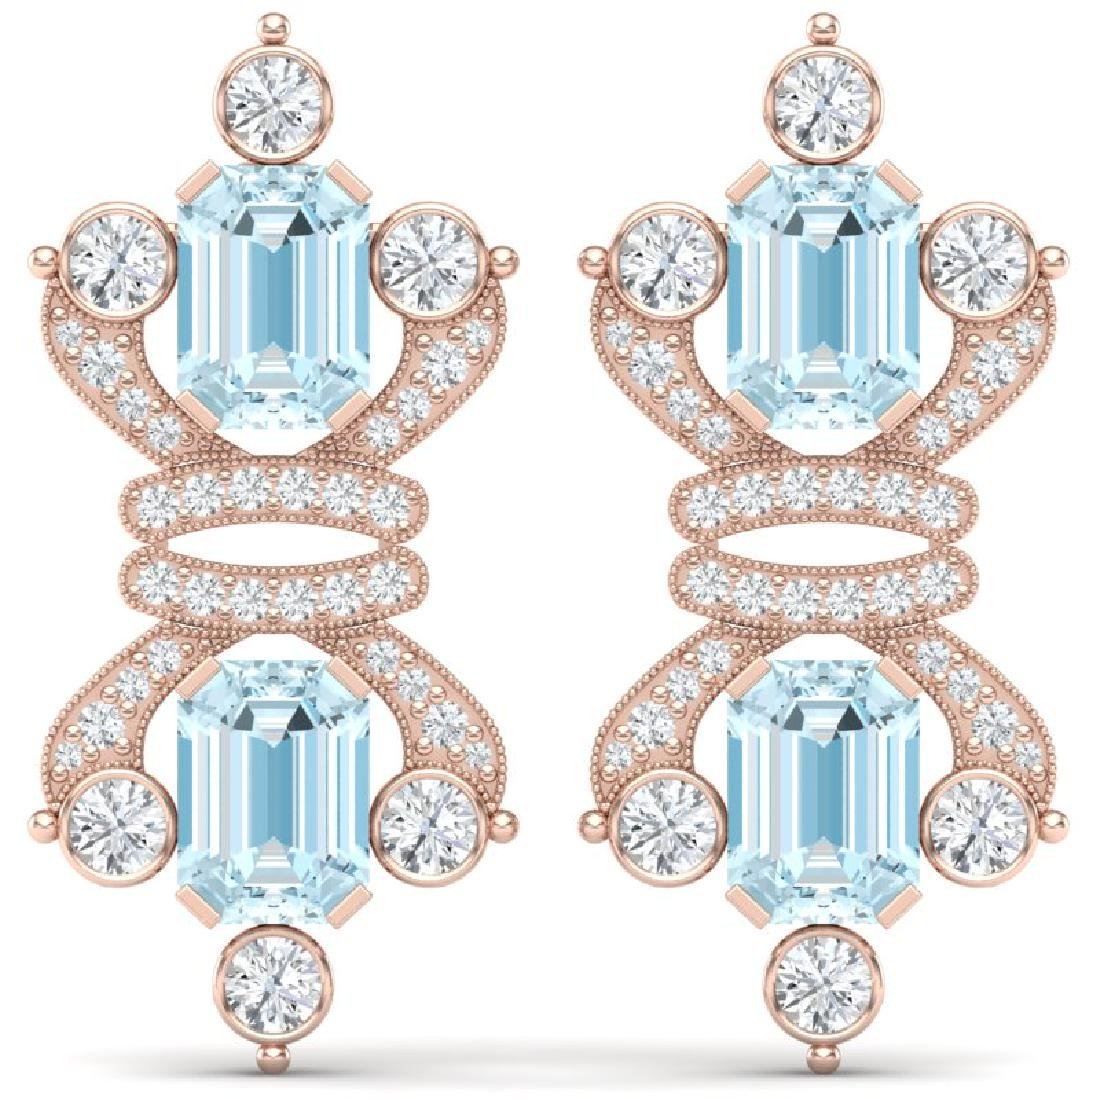 28.39 CTW Royalty Sky Topaz & VS Diamond Earrings 18K